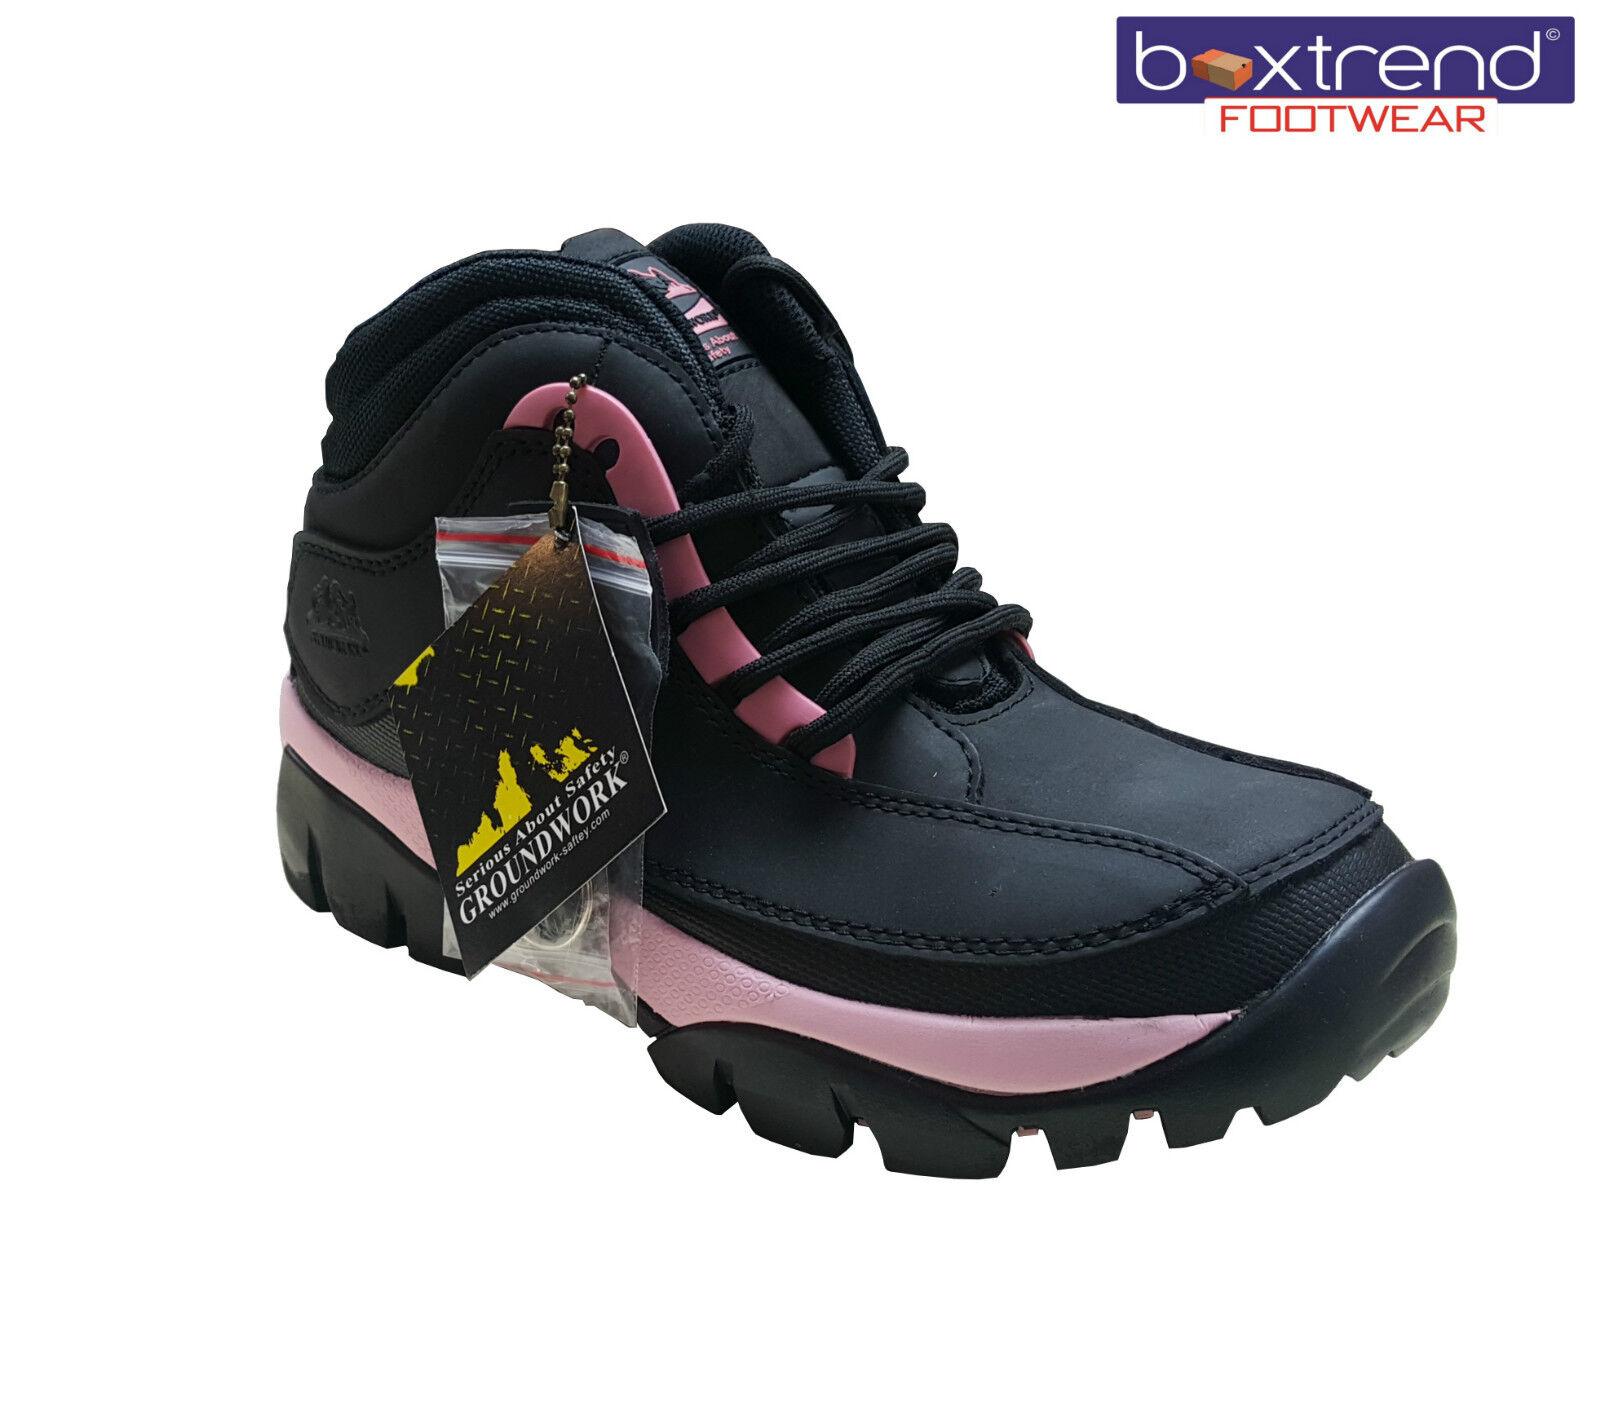 Nuevo Para Mujer Damas bases trabajo Botas De Seguridad Zapatos puntera de acero de la PAC Impermeable